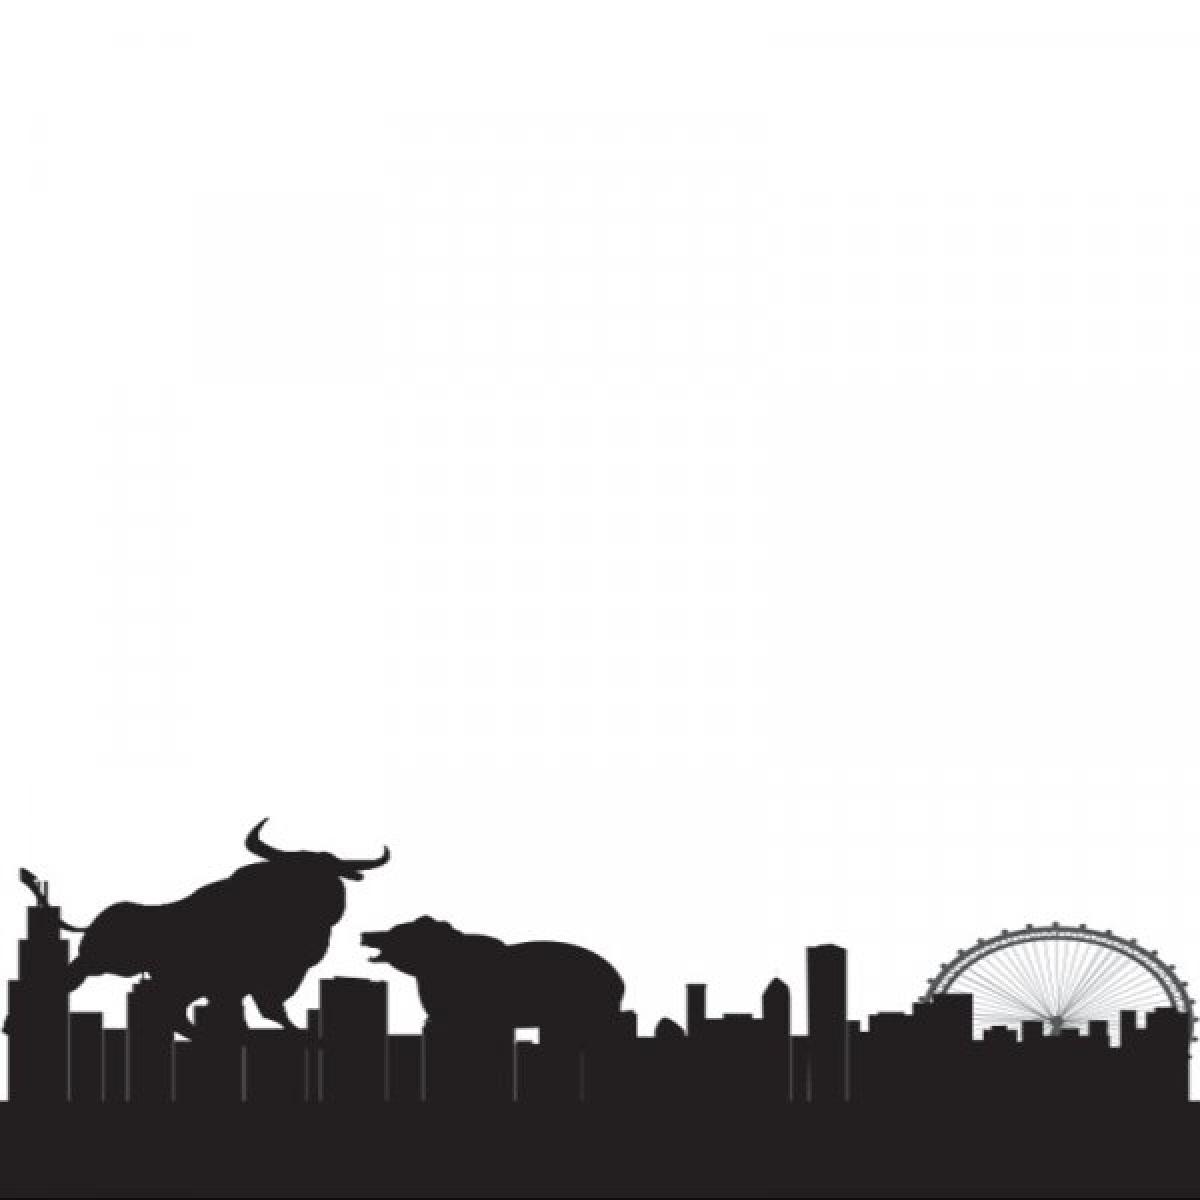 சிங்கப்பூர் ஸ்டாக் எக்ஸ்சேஞ்ச் மீதான தடை... - இந்தியாவிற்கு பலன் தருமா?